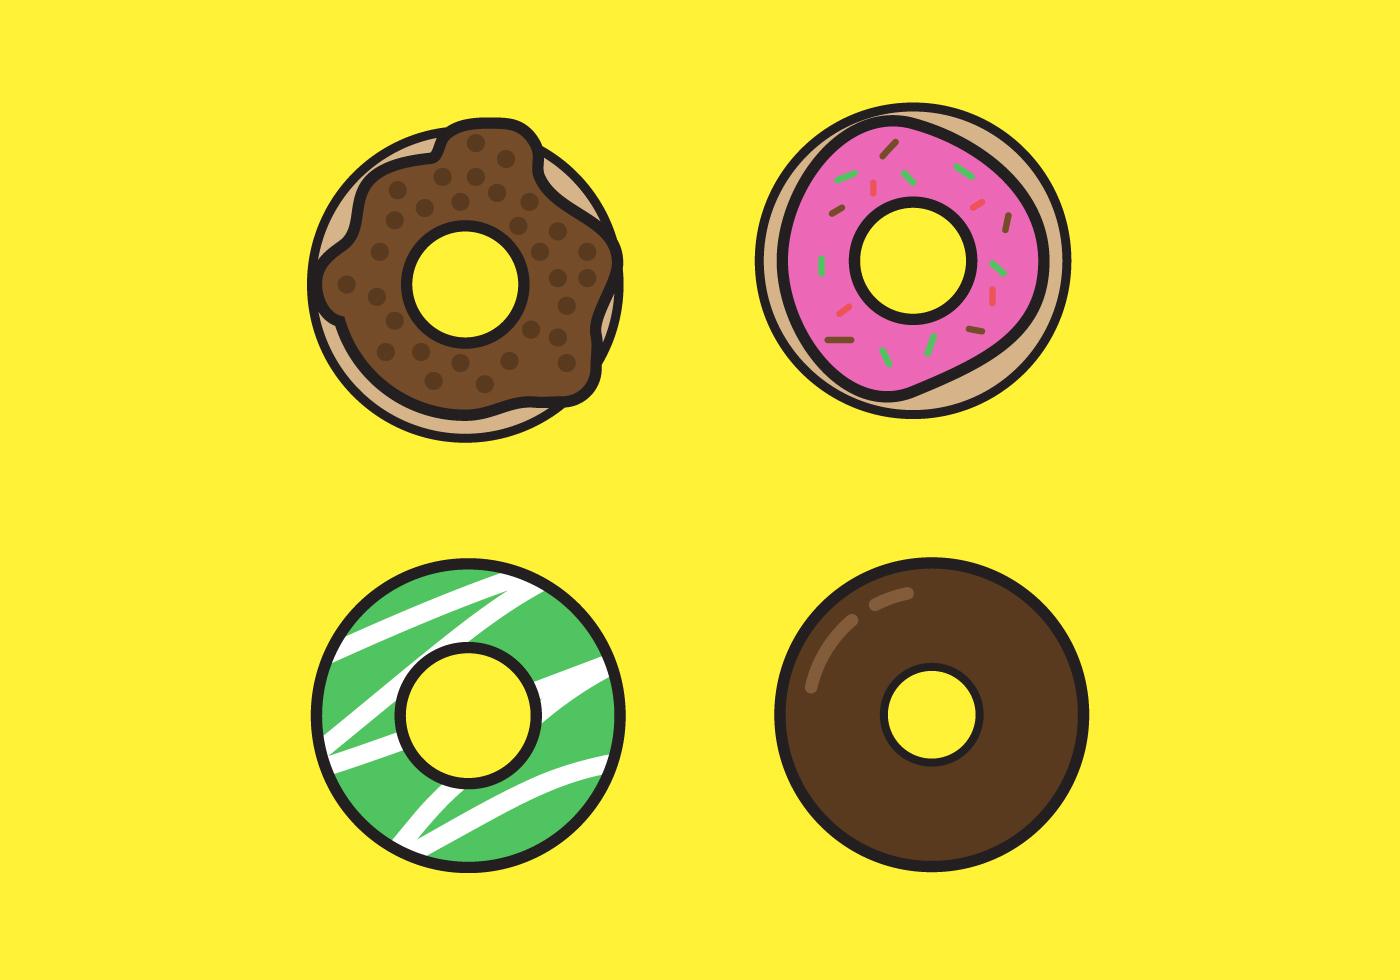 Sweet donut vectors download free vector art stock for Clipart gratis download